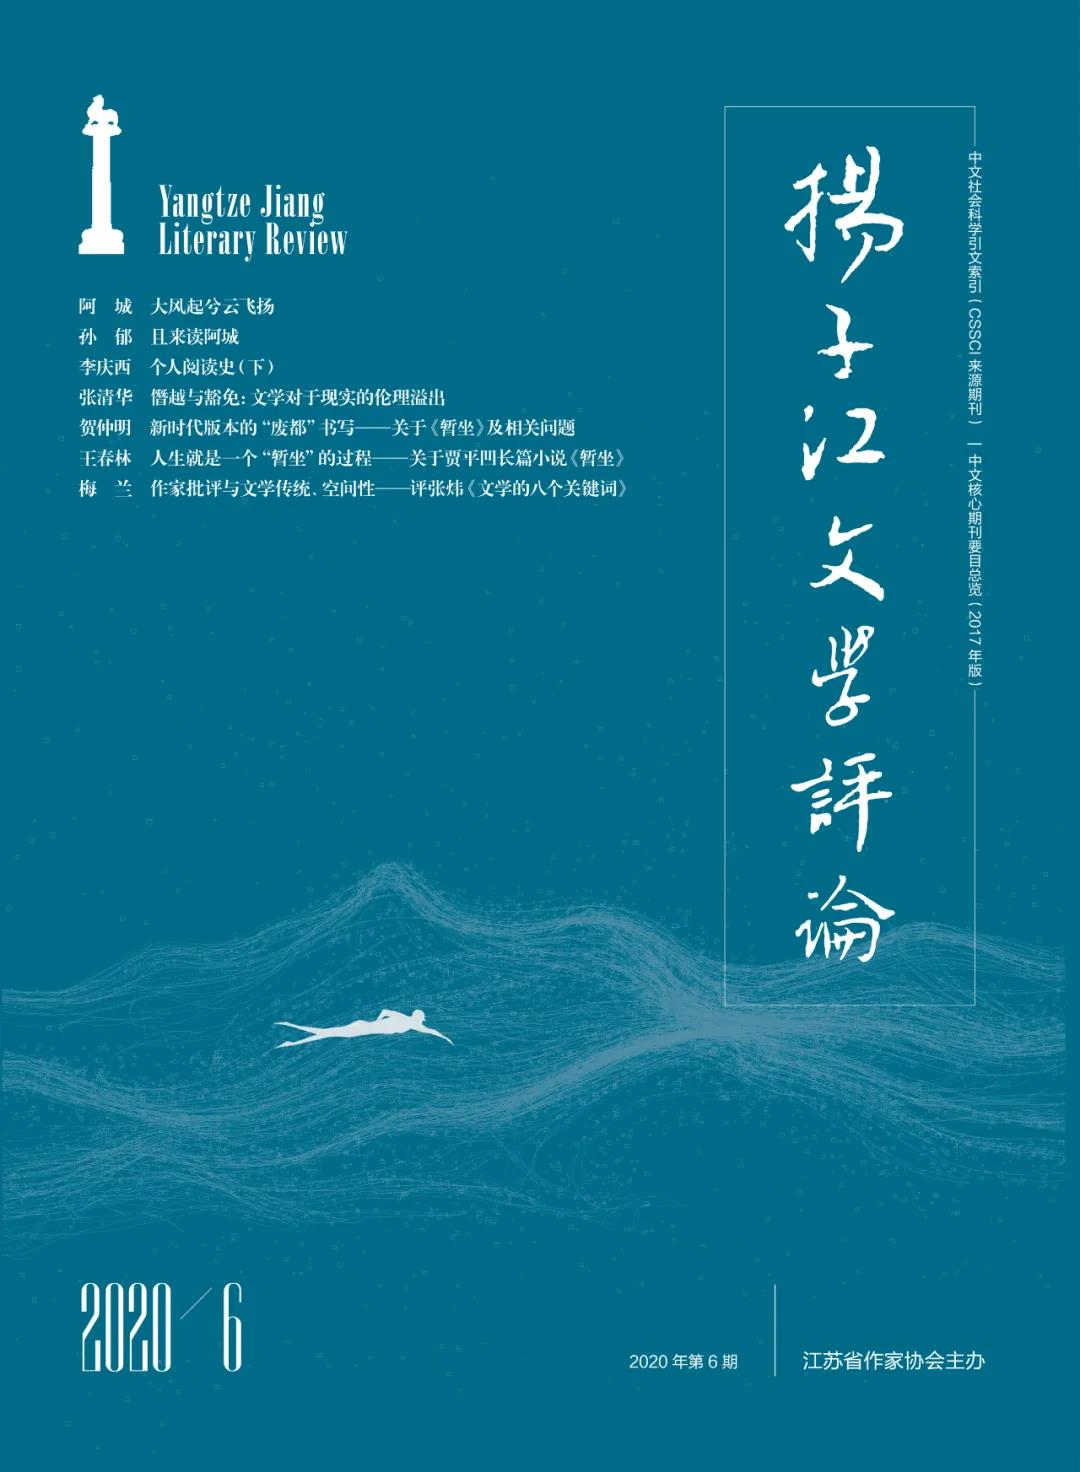 《扬子江文学评论》2020年第6期